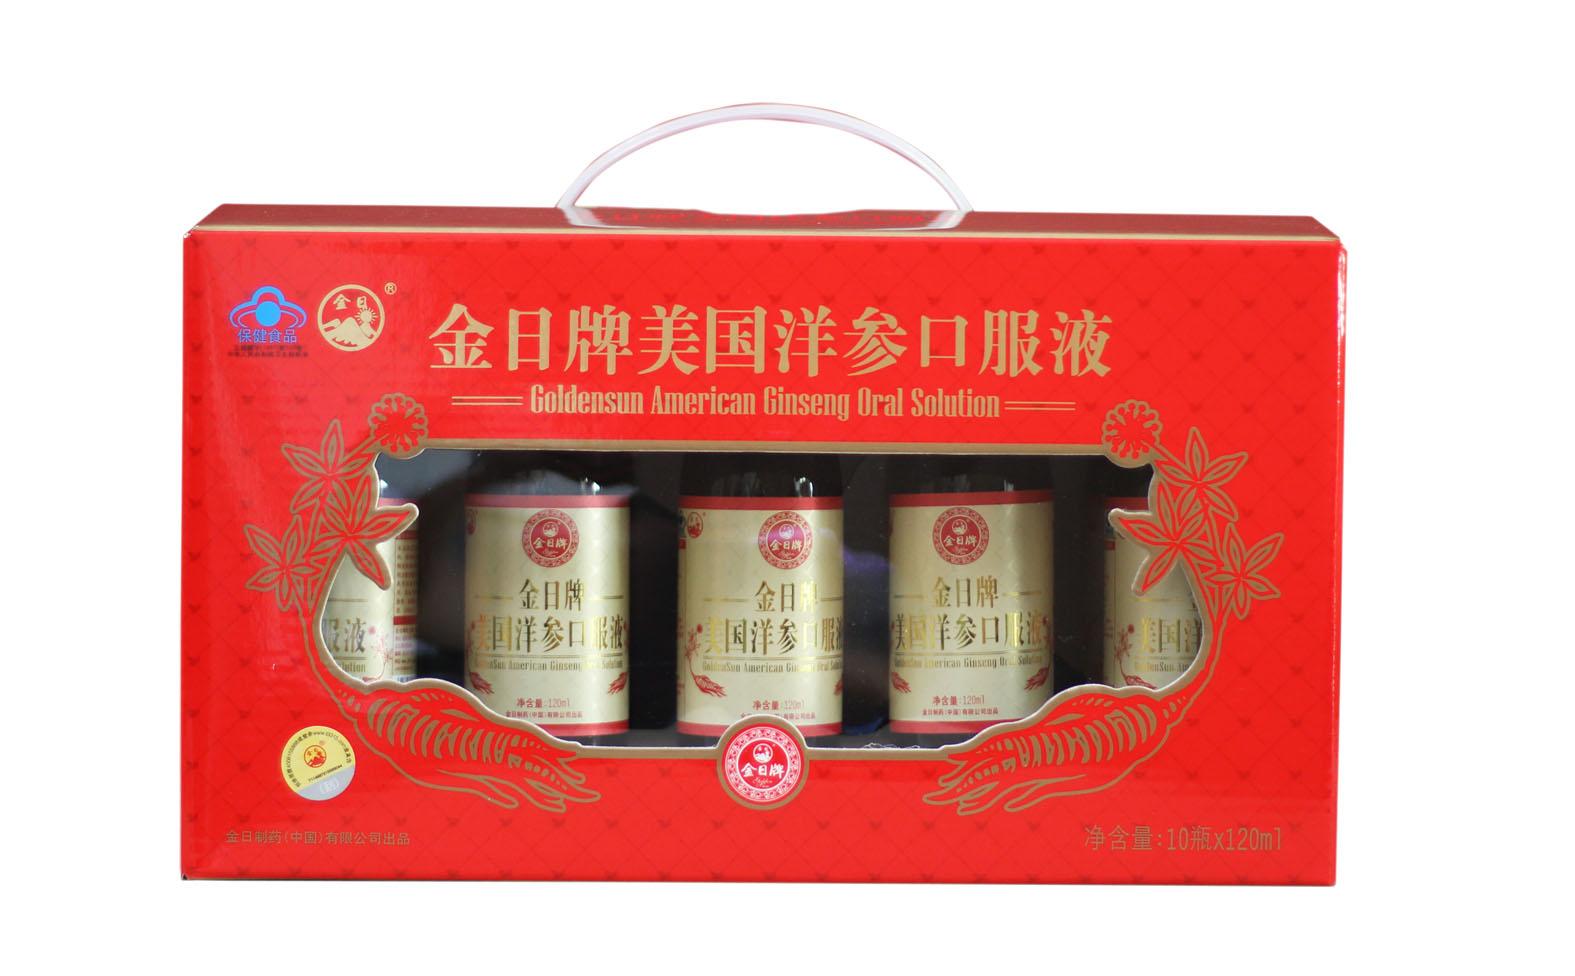 金日牌美国洋参口服液(120ml)×10瓶